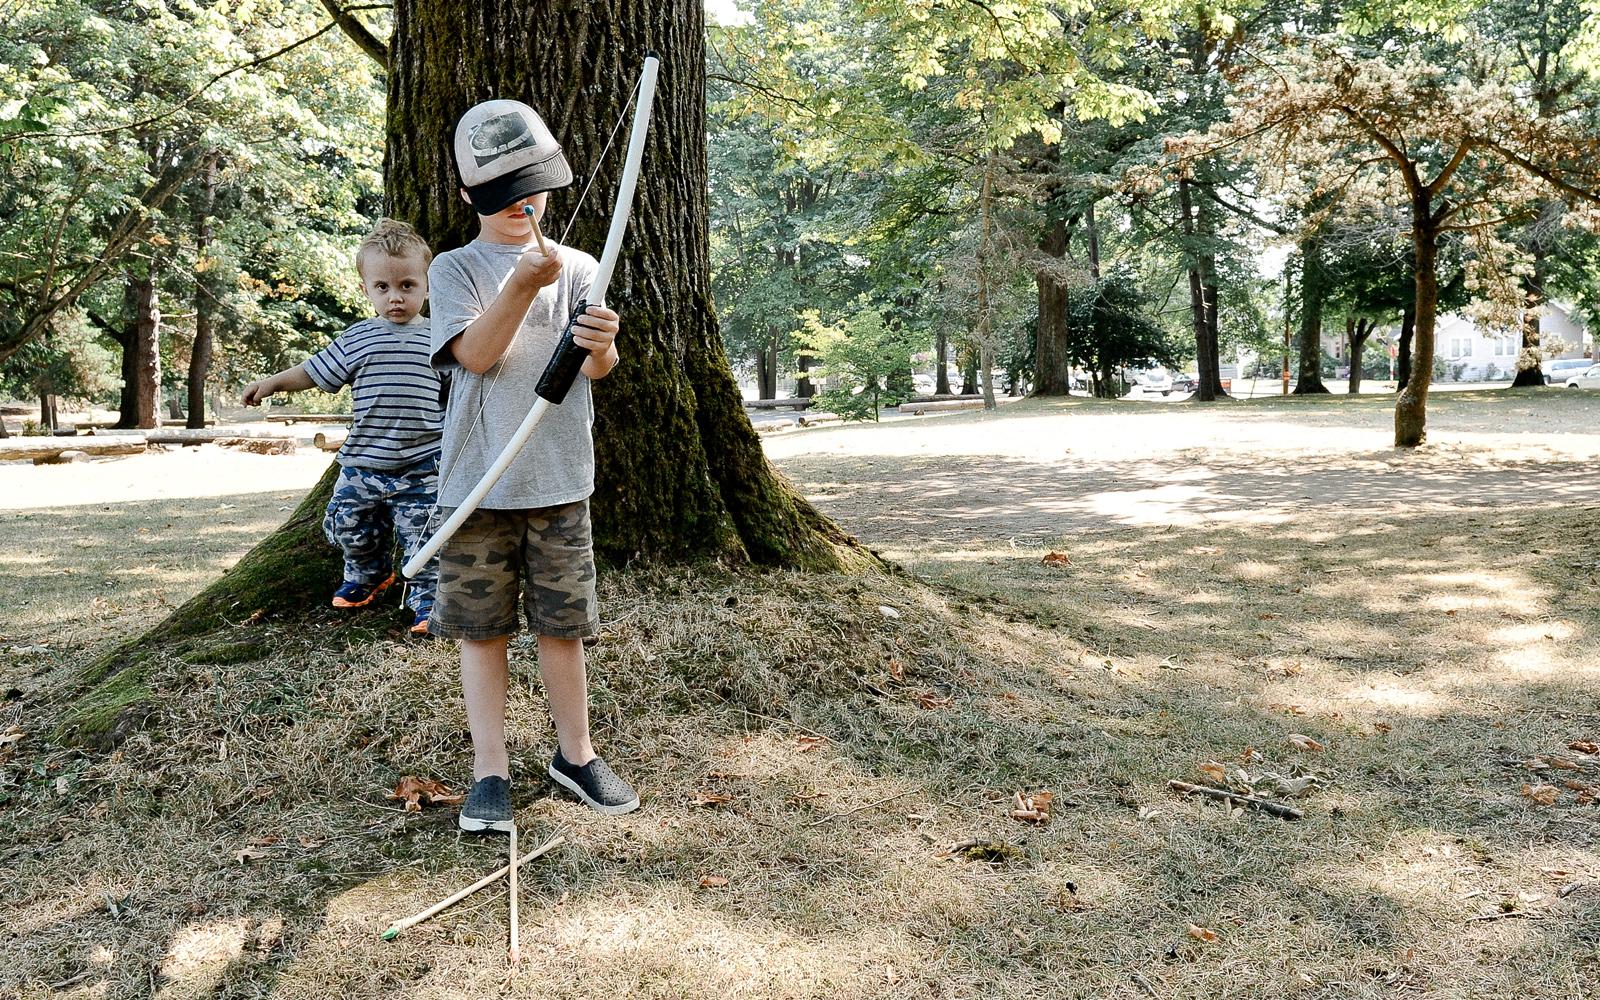 diy kids bow an arrow